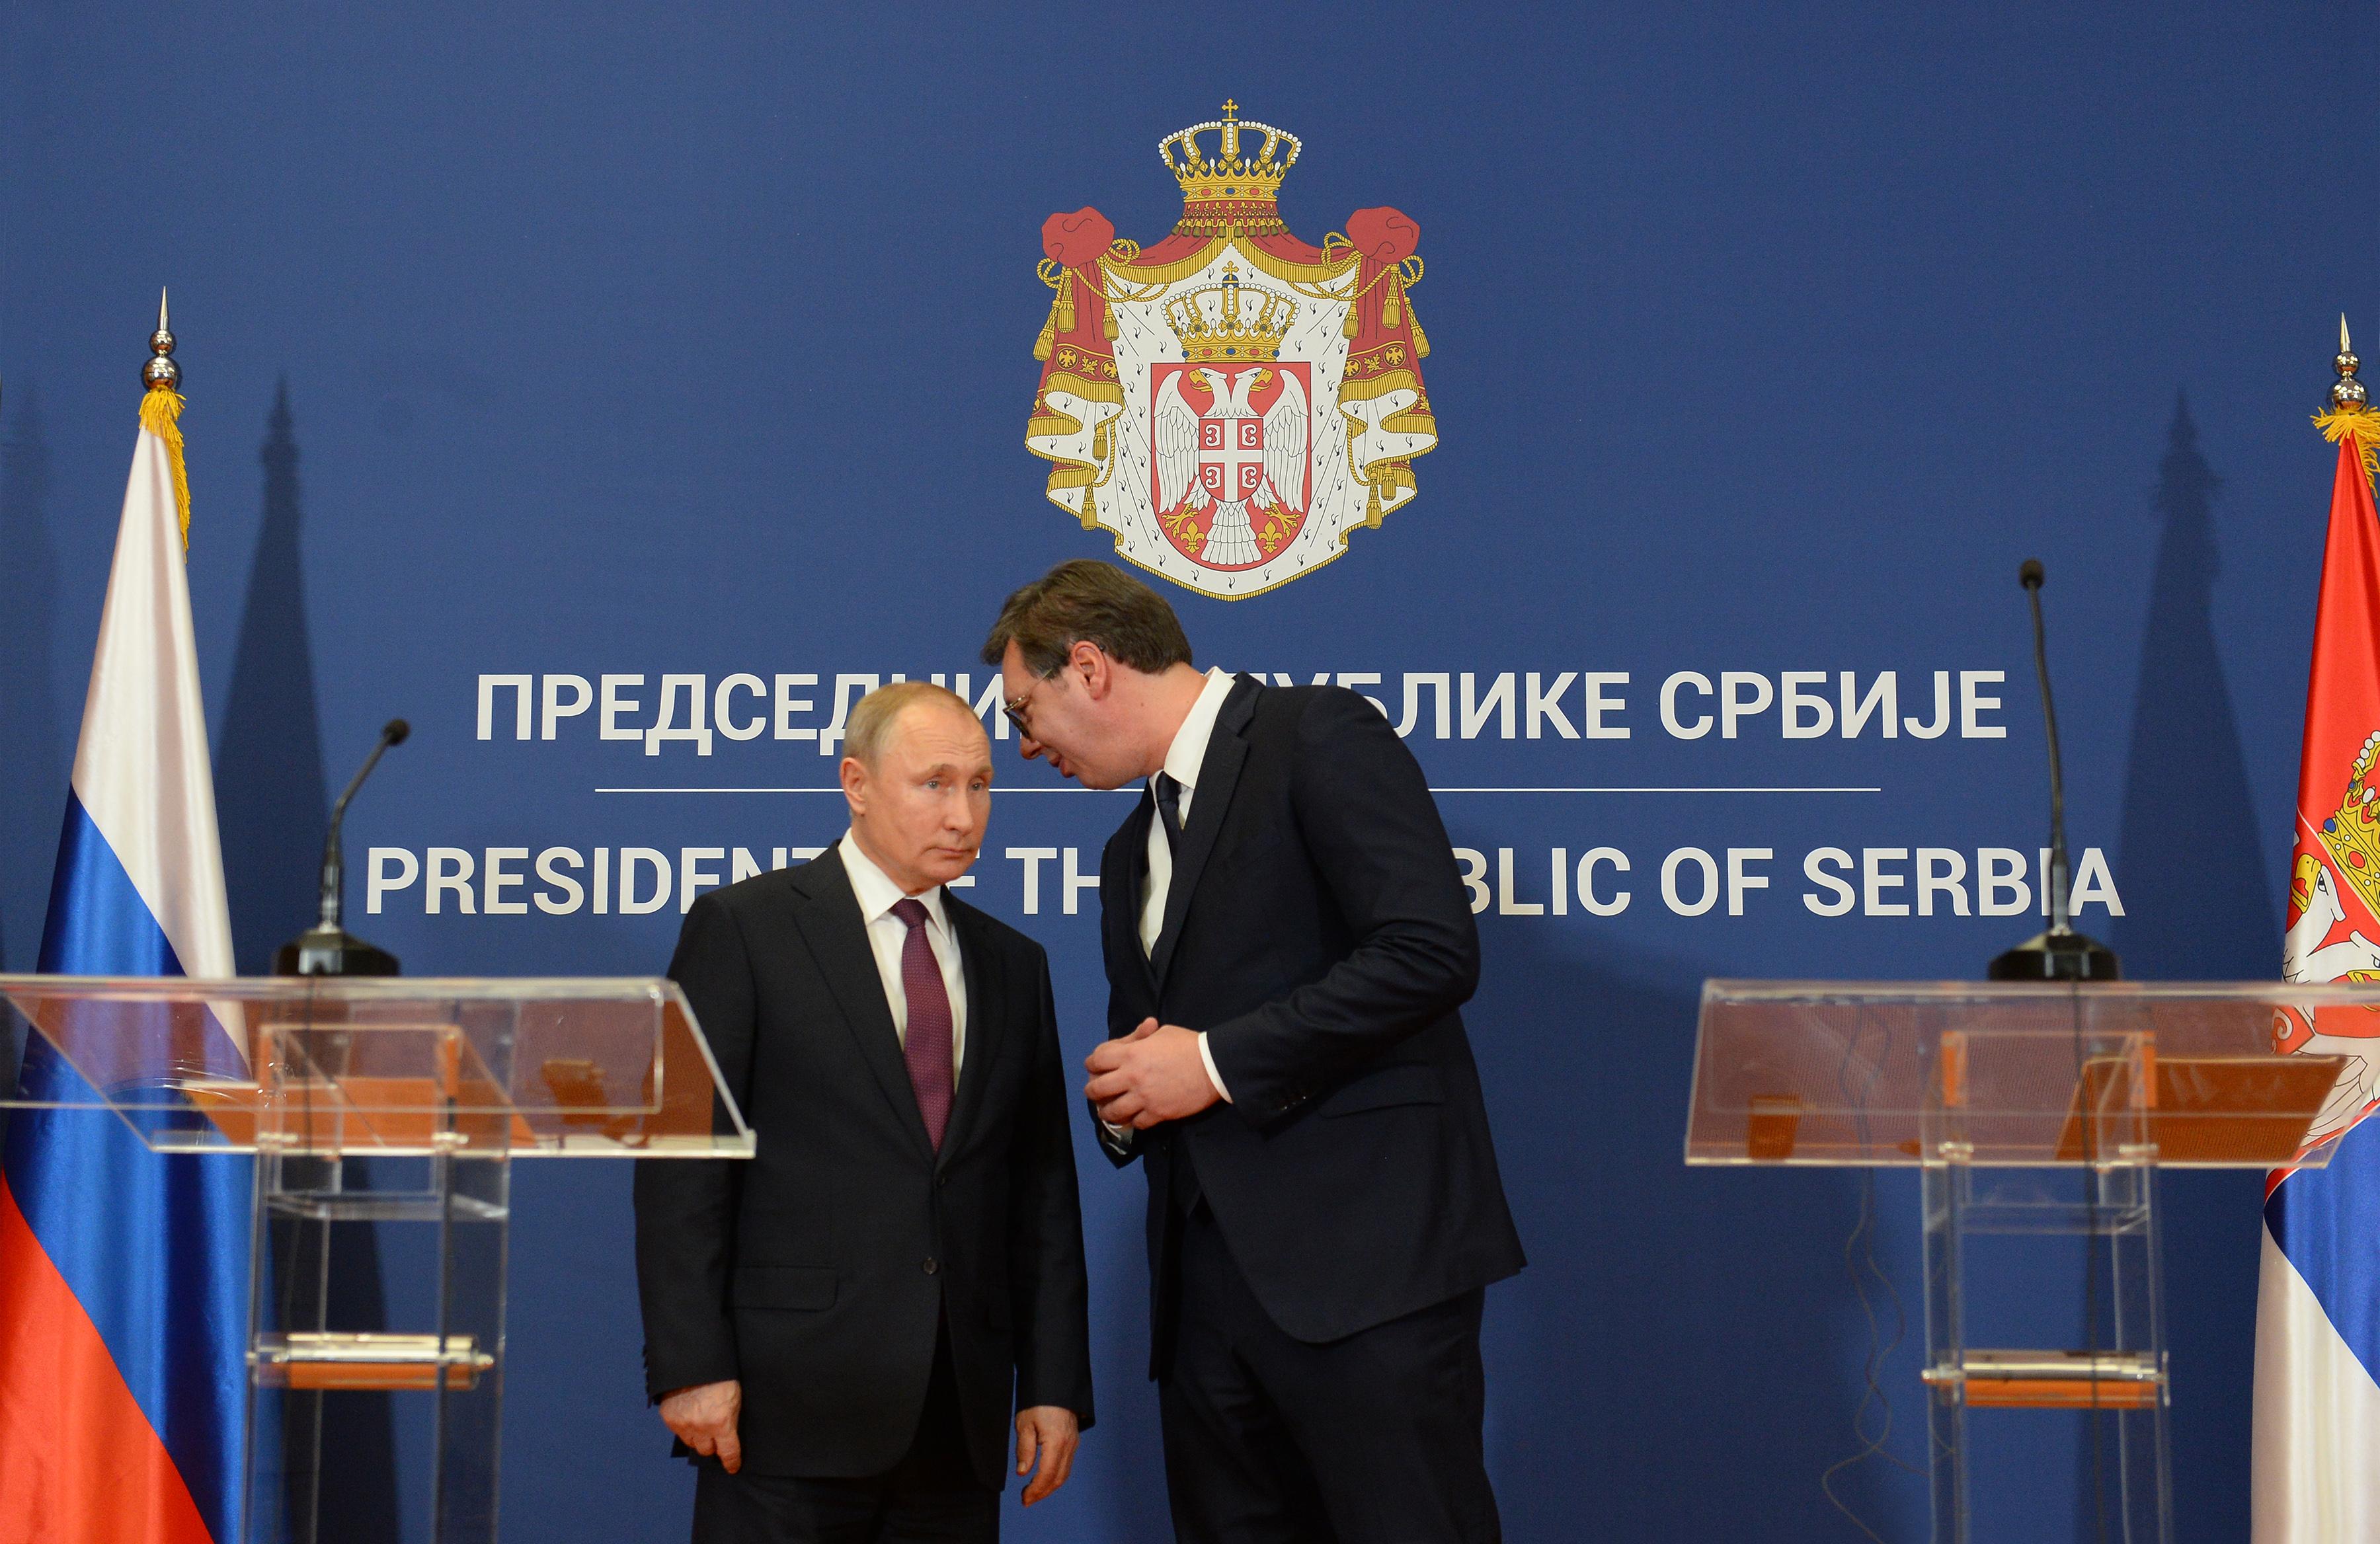 Predsednik Ruske Federacije Vladimir Putin na zajednickoj konferenciji za medije sa predsednikom Srbije Aleksandrom Vucicem